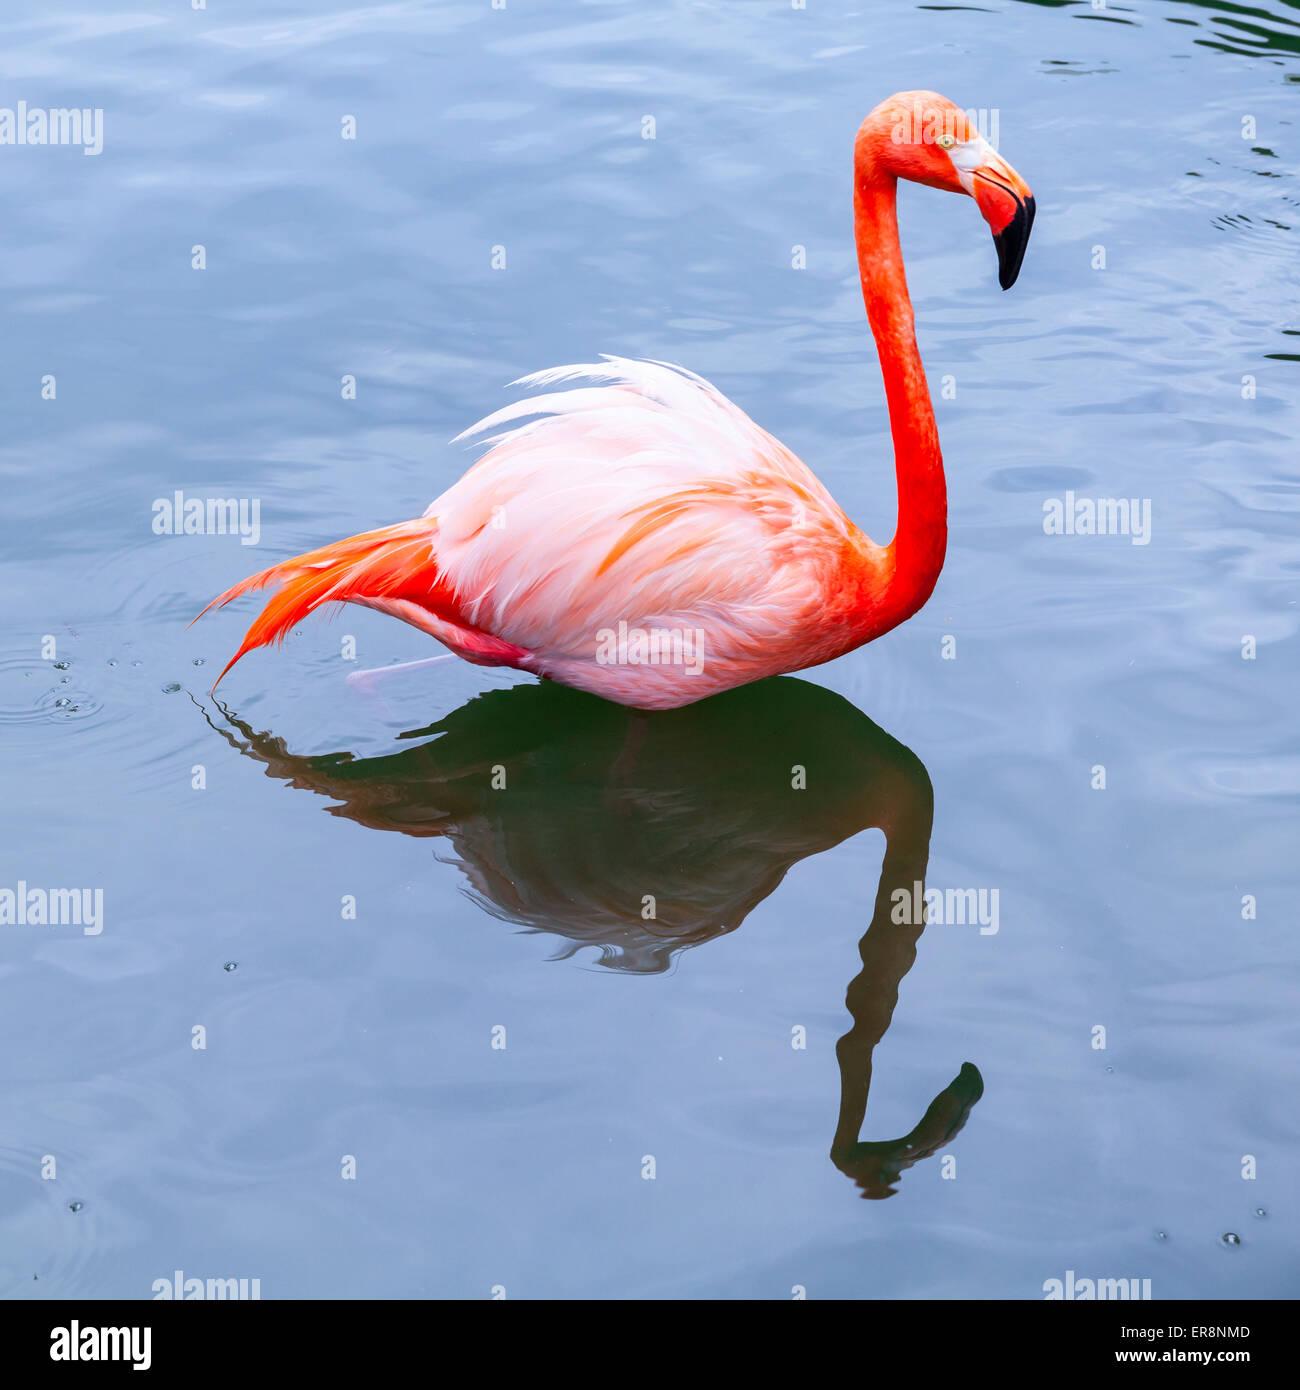 Rosa Flamingo geht im Wasser mit Reflexionen, quadratischen Foto Stockbild